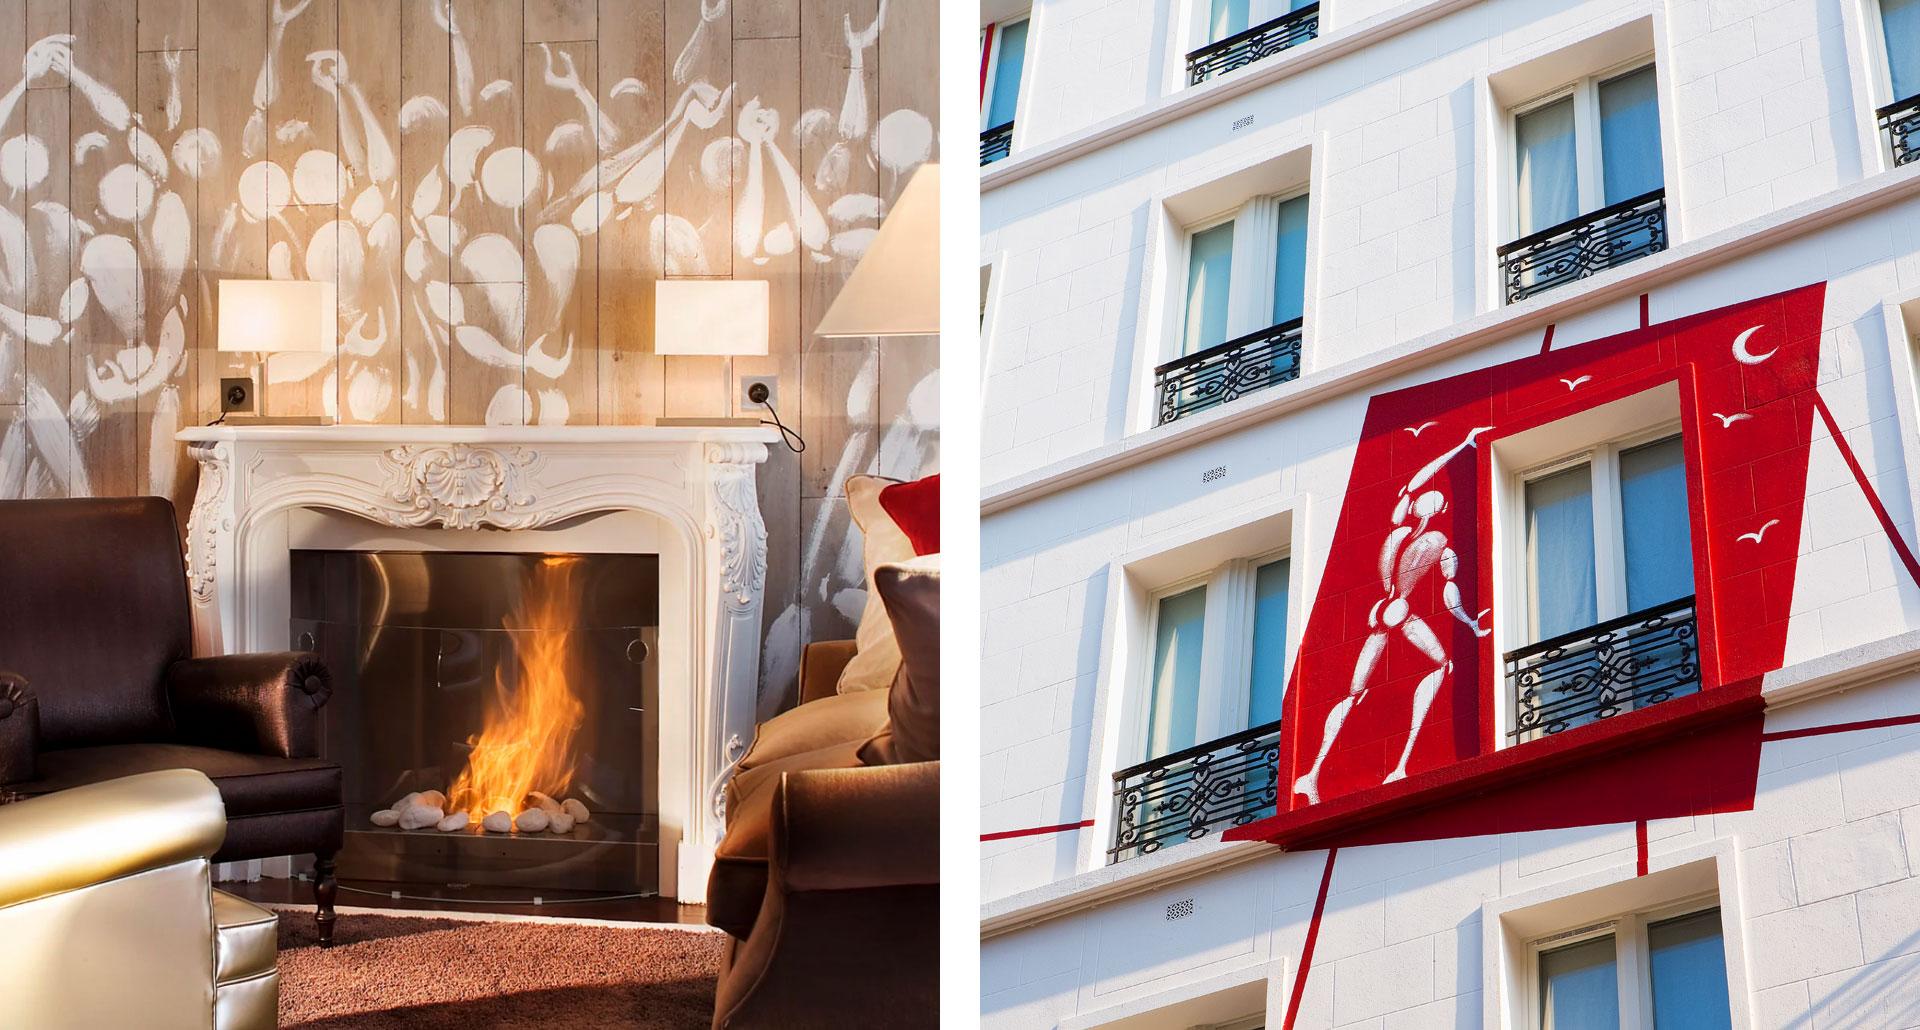 Hotel Des Academies Et Des Arts - boutique hotel in Paris